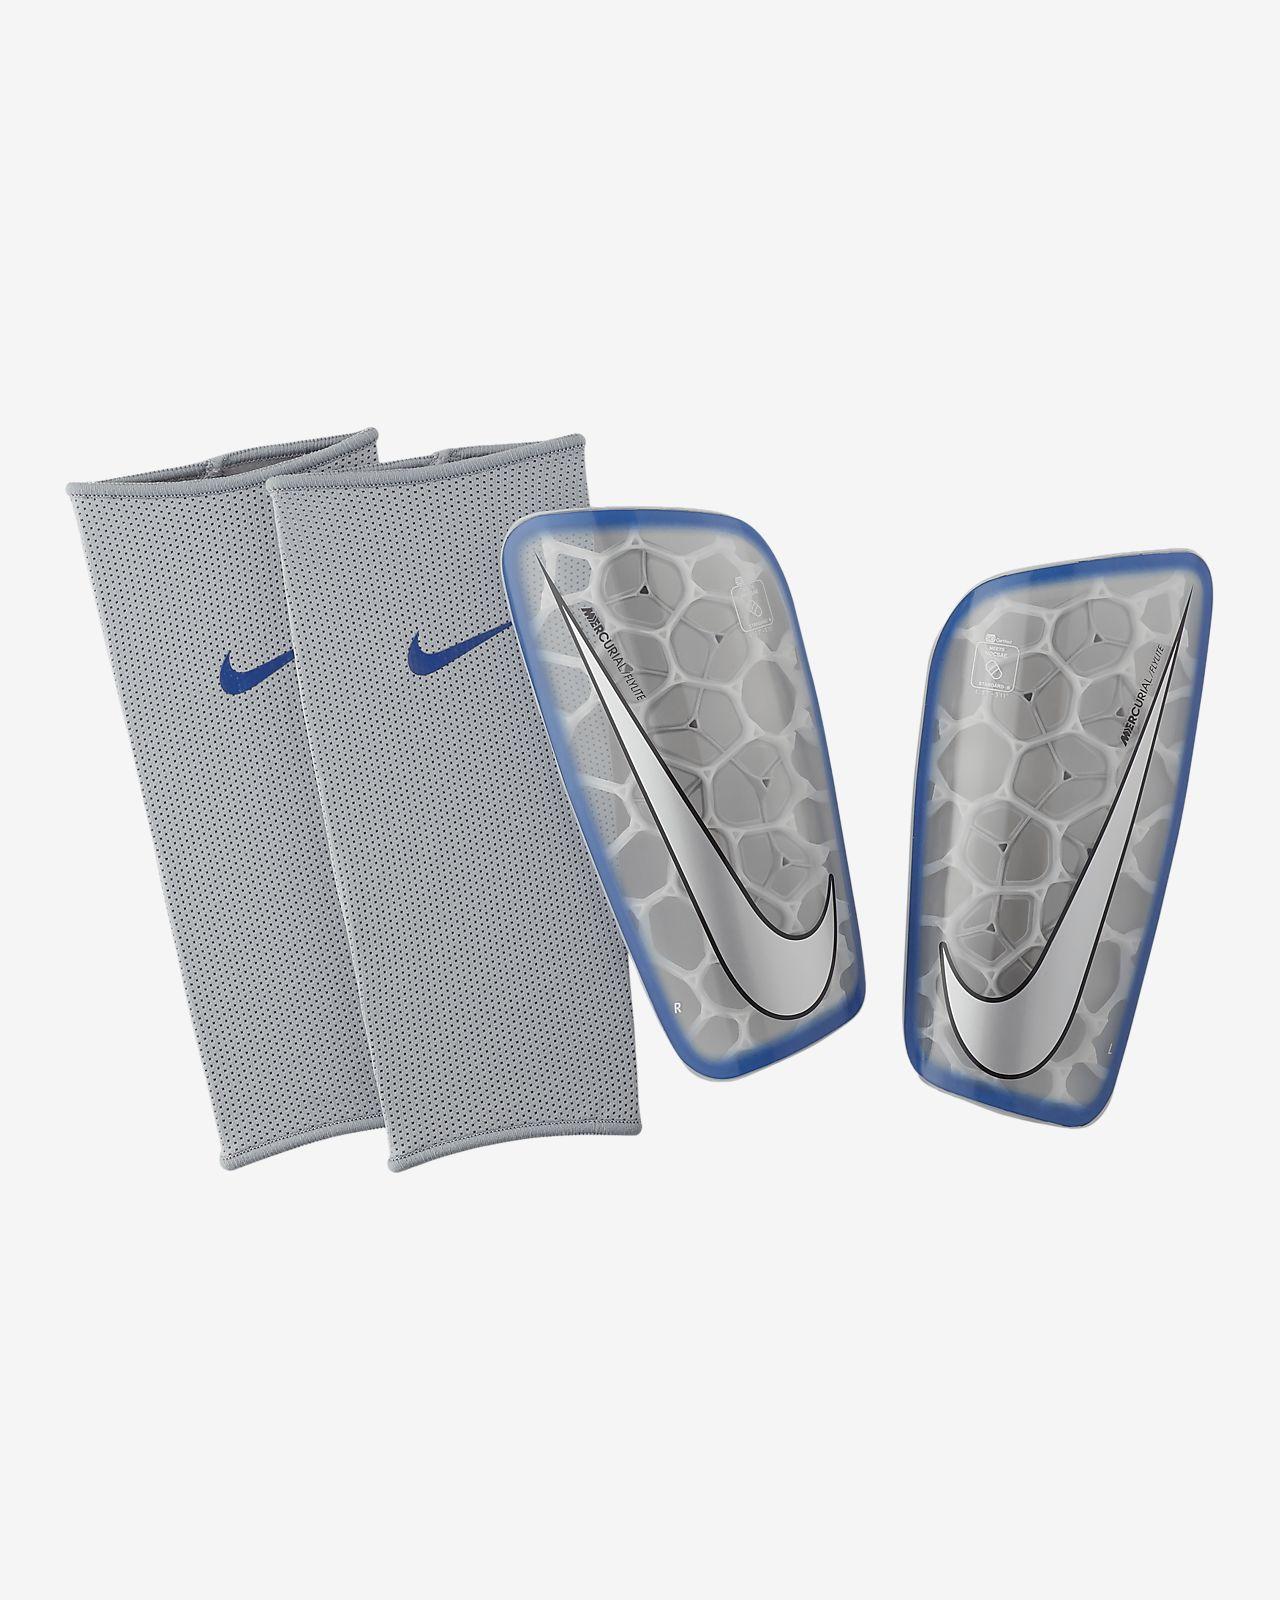 Nike Mercurial Flylite Fußball-Schienbeinschoner